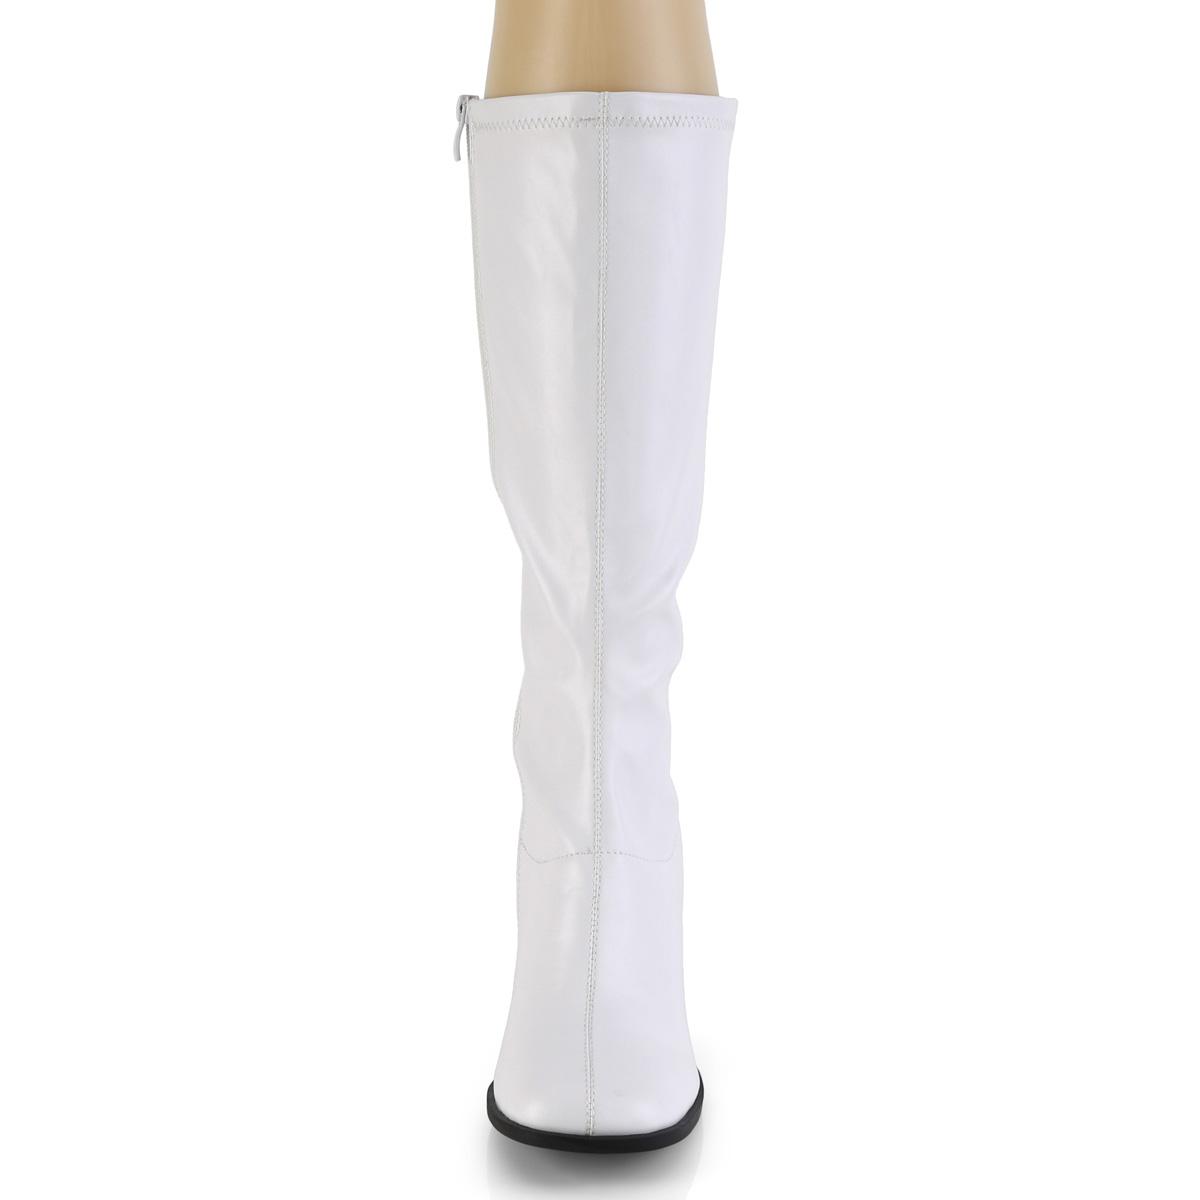 Funtasma GOGO-300-2 ニーハイブーツ ブロックヒール サイドZIP つや消し白 ホワイト◆取り寄せ